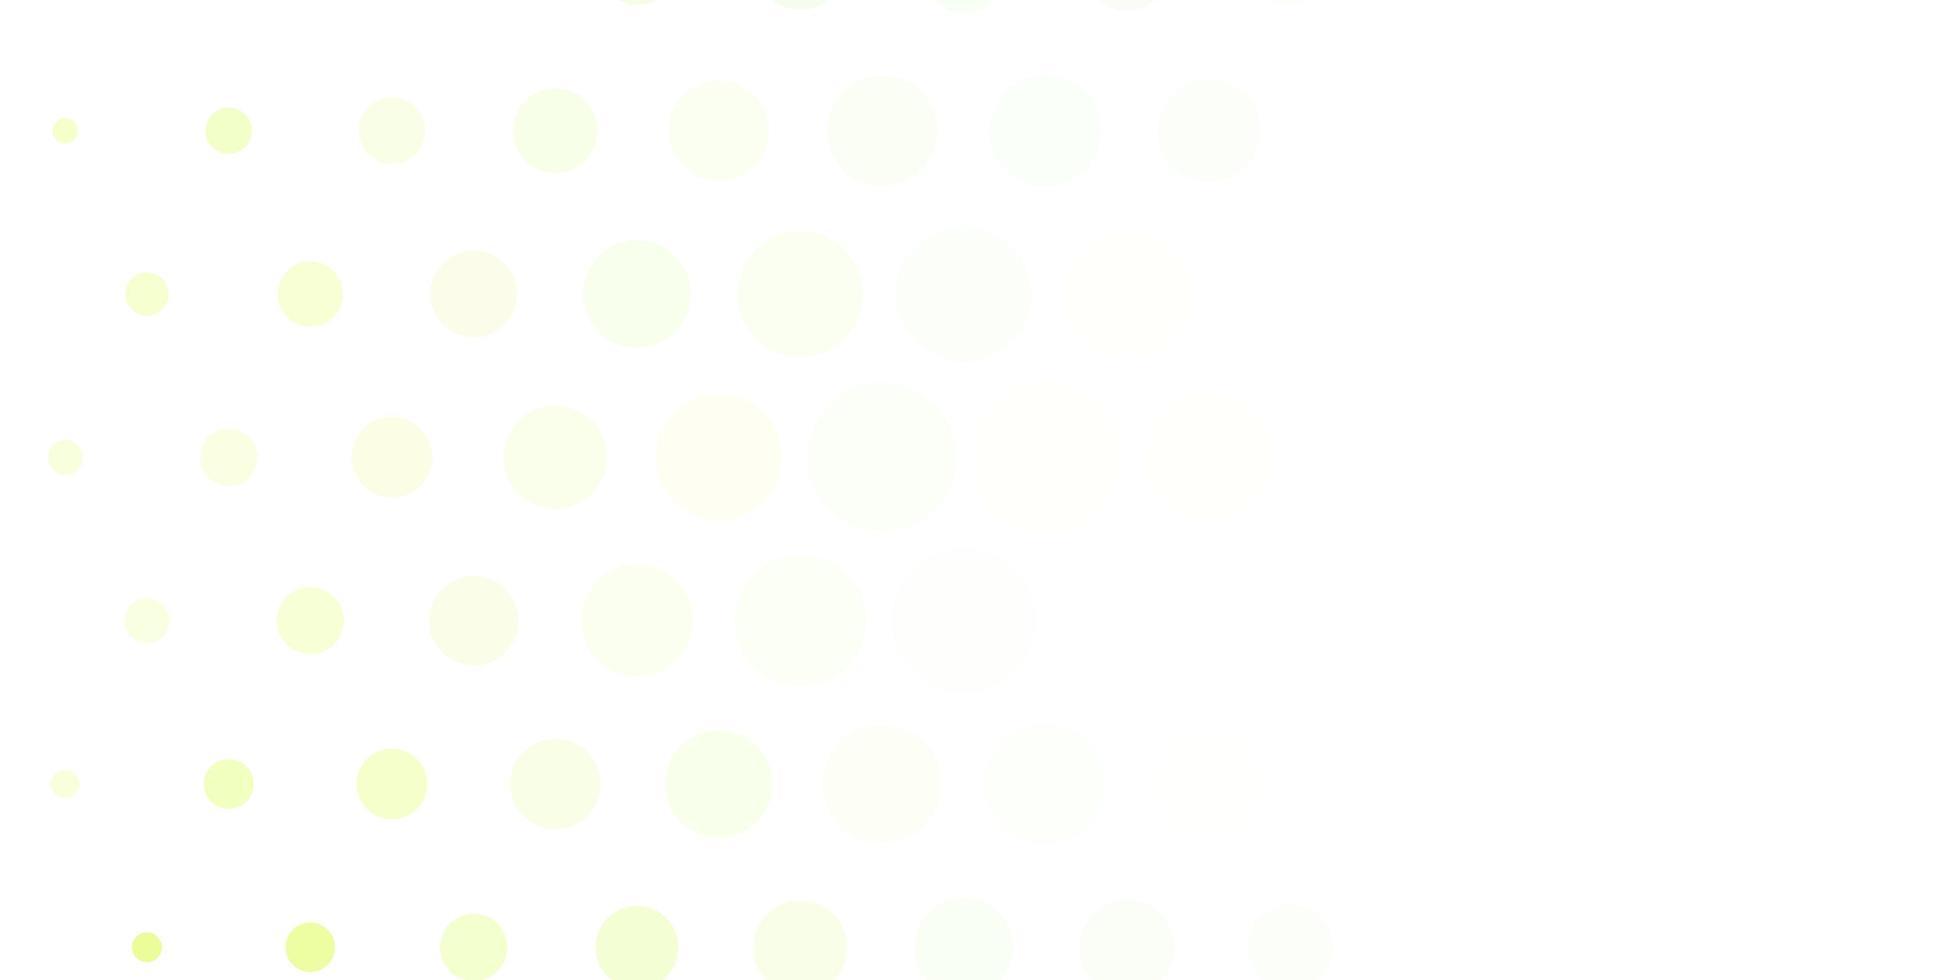 hellgrüne Vektorbeschaffenheit mit Kreisen. vektor